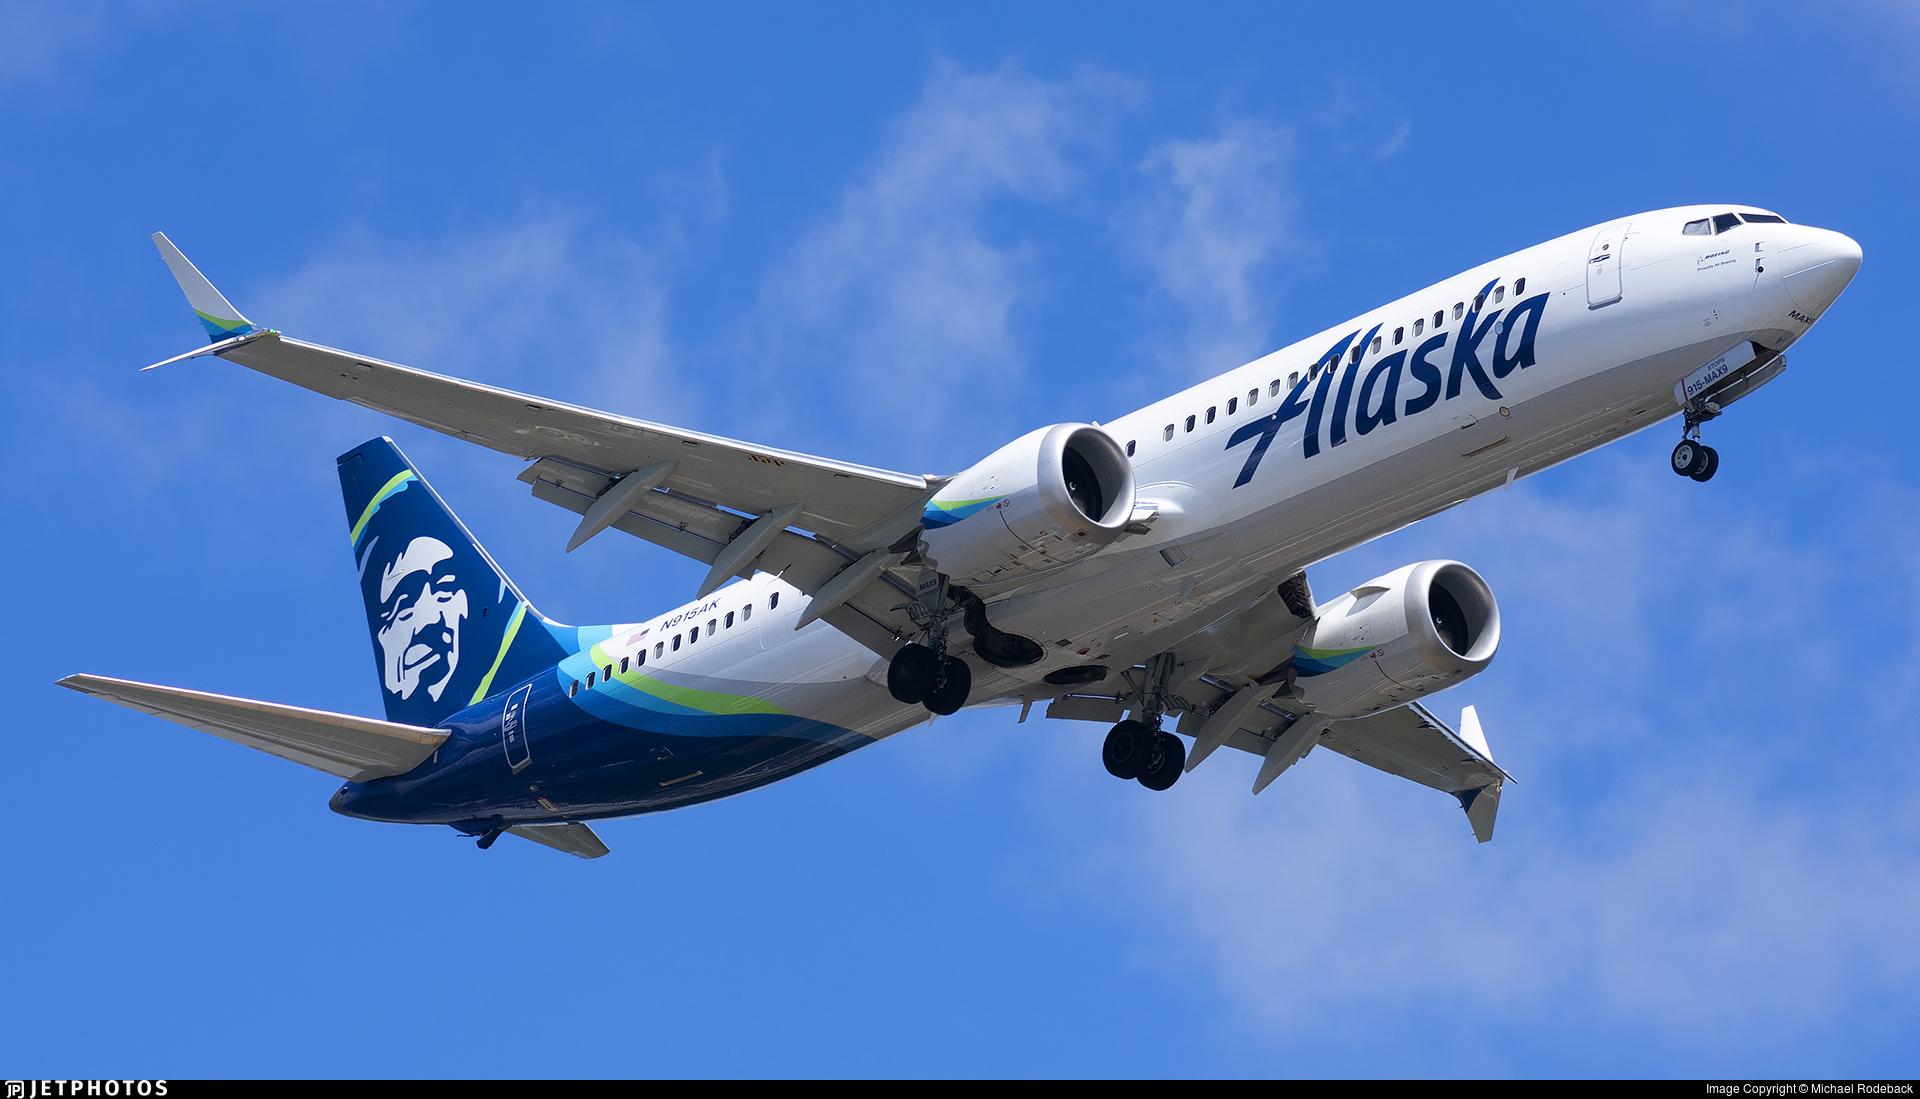 N915AK - Boeing 737-9 MAX - Alaska Airlines